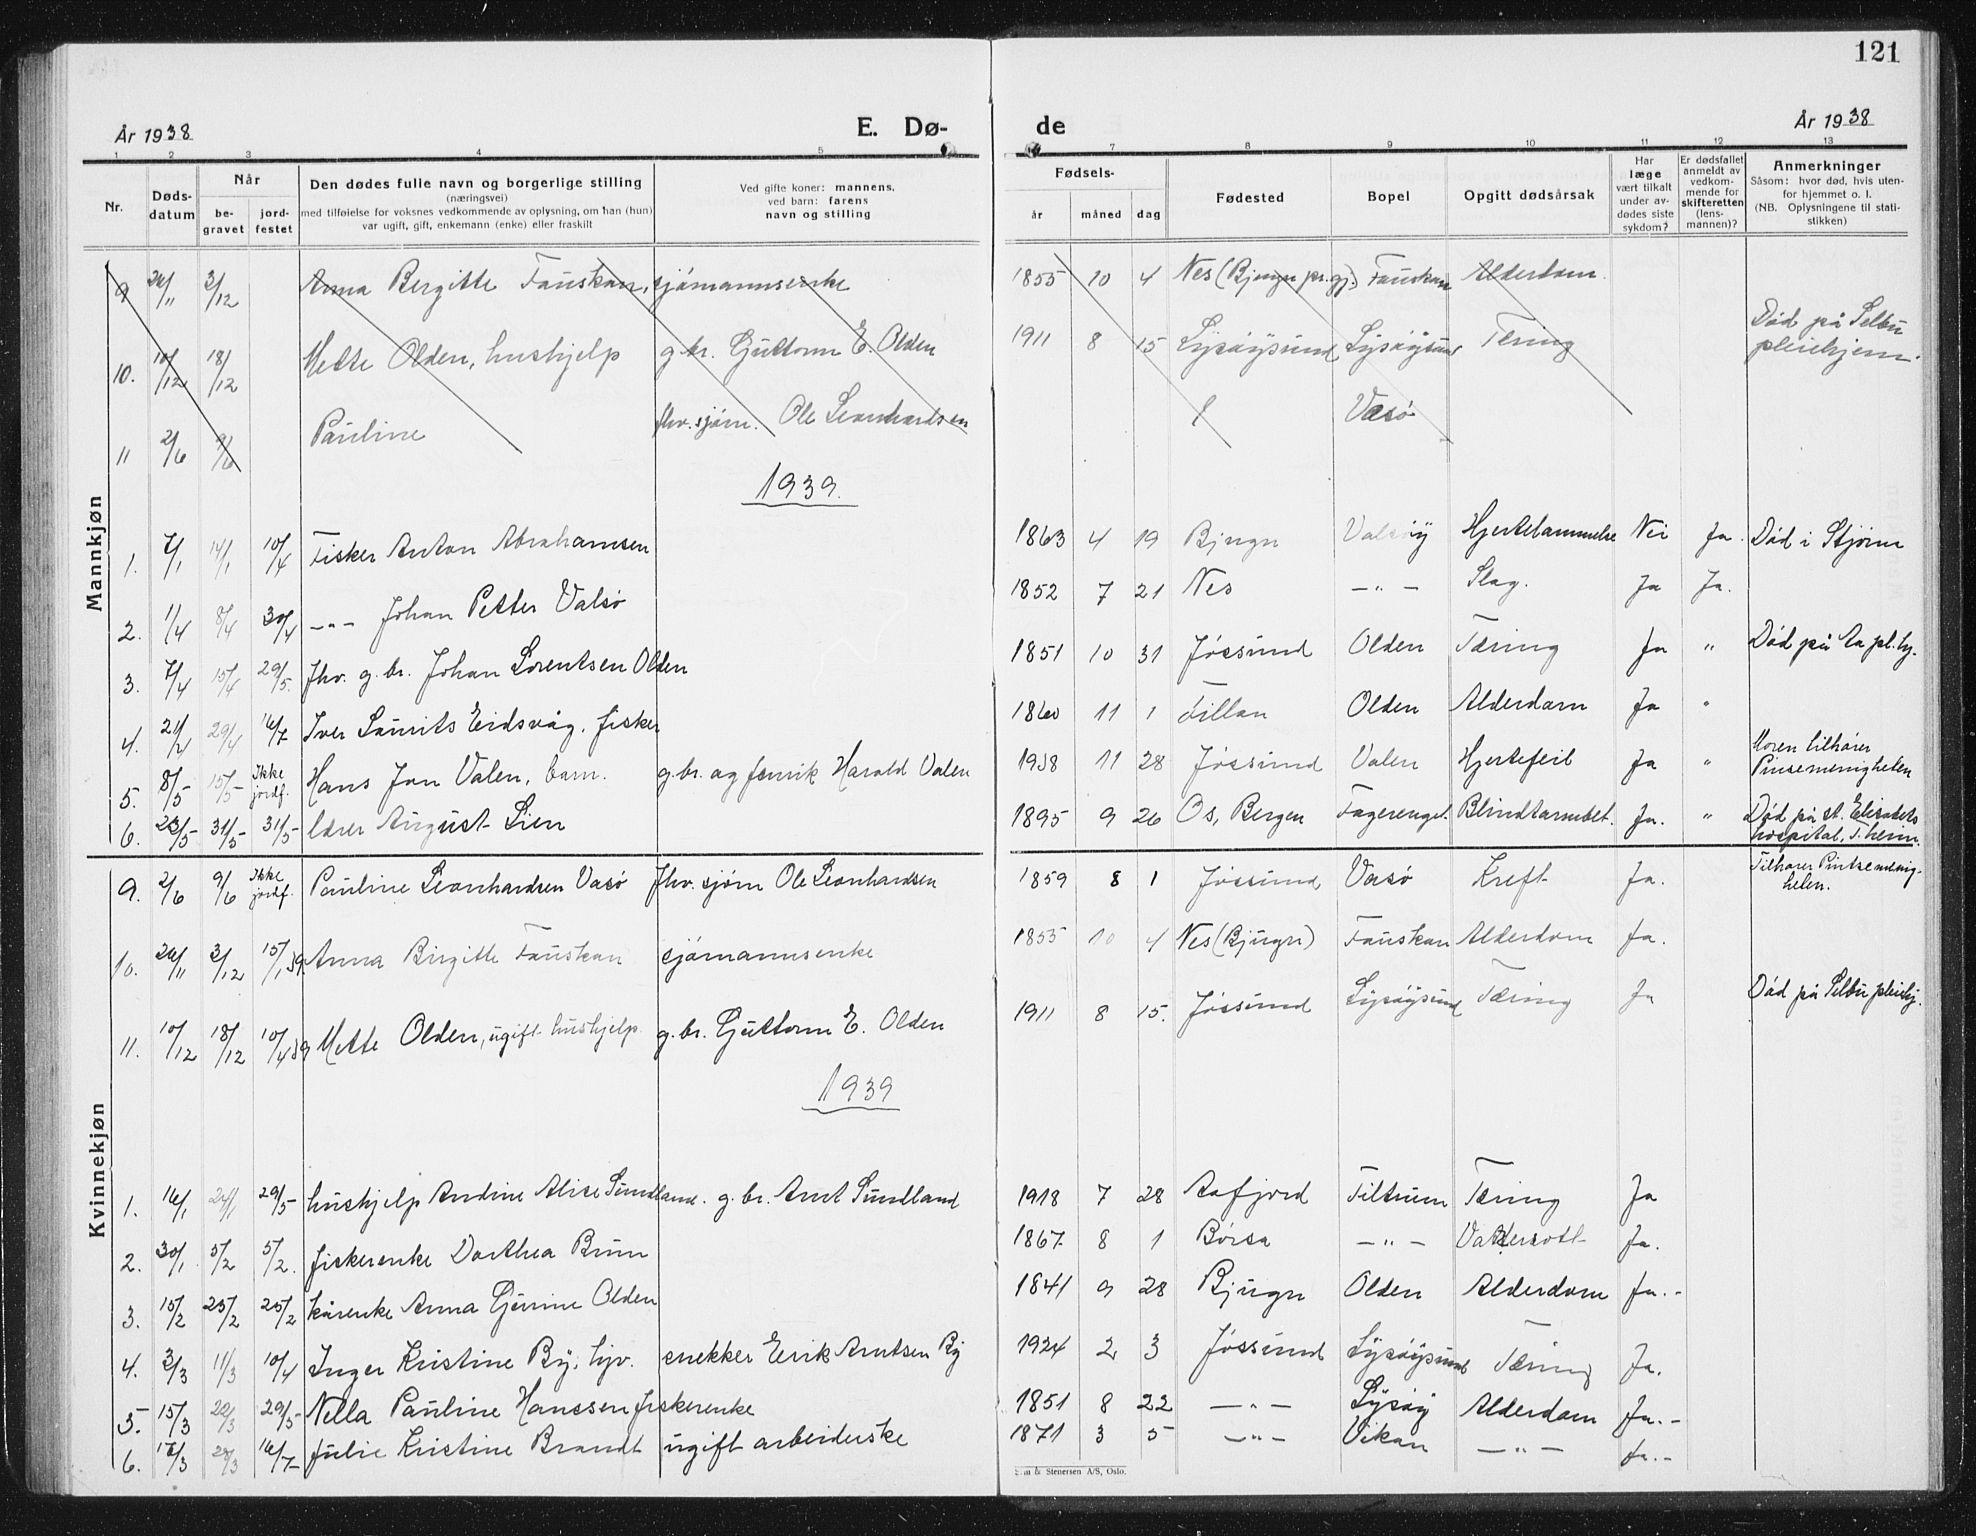 SAT, Ministerialprotokoller, klokkerbøker og fødselsregistre - Sør-Trøndelag, 654/L0667: Klokkerbok nr. 654C03, 1924-1939, s. 121